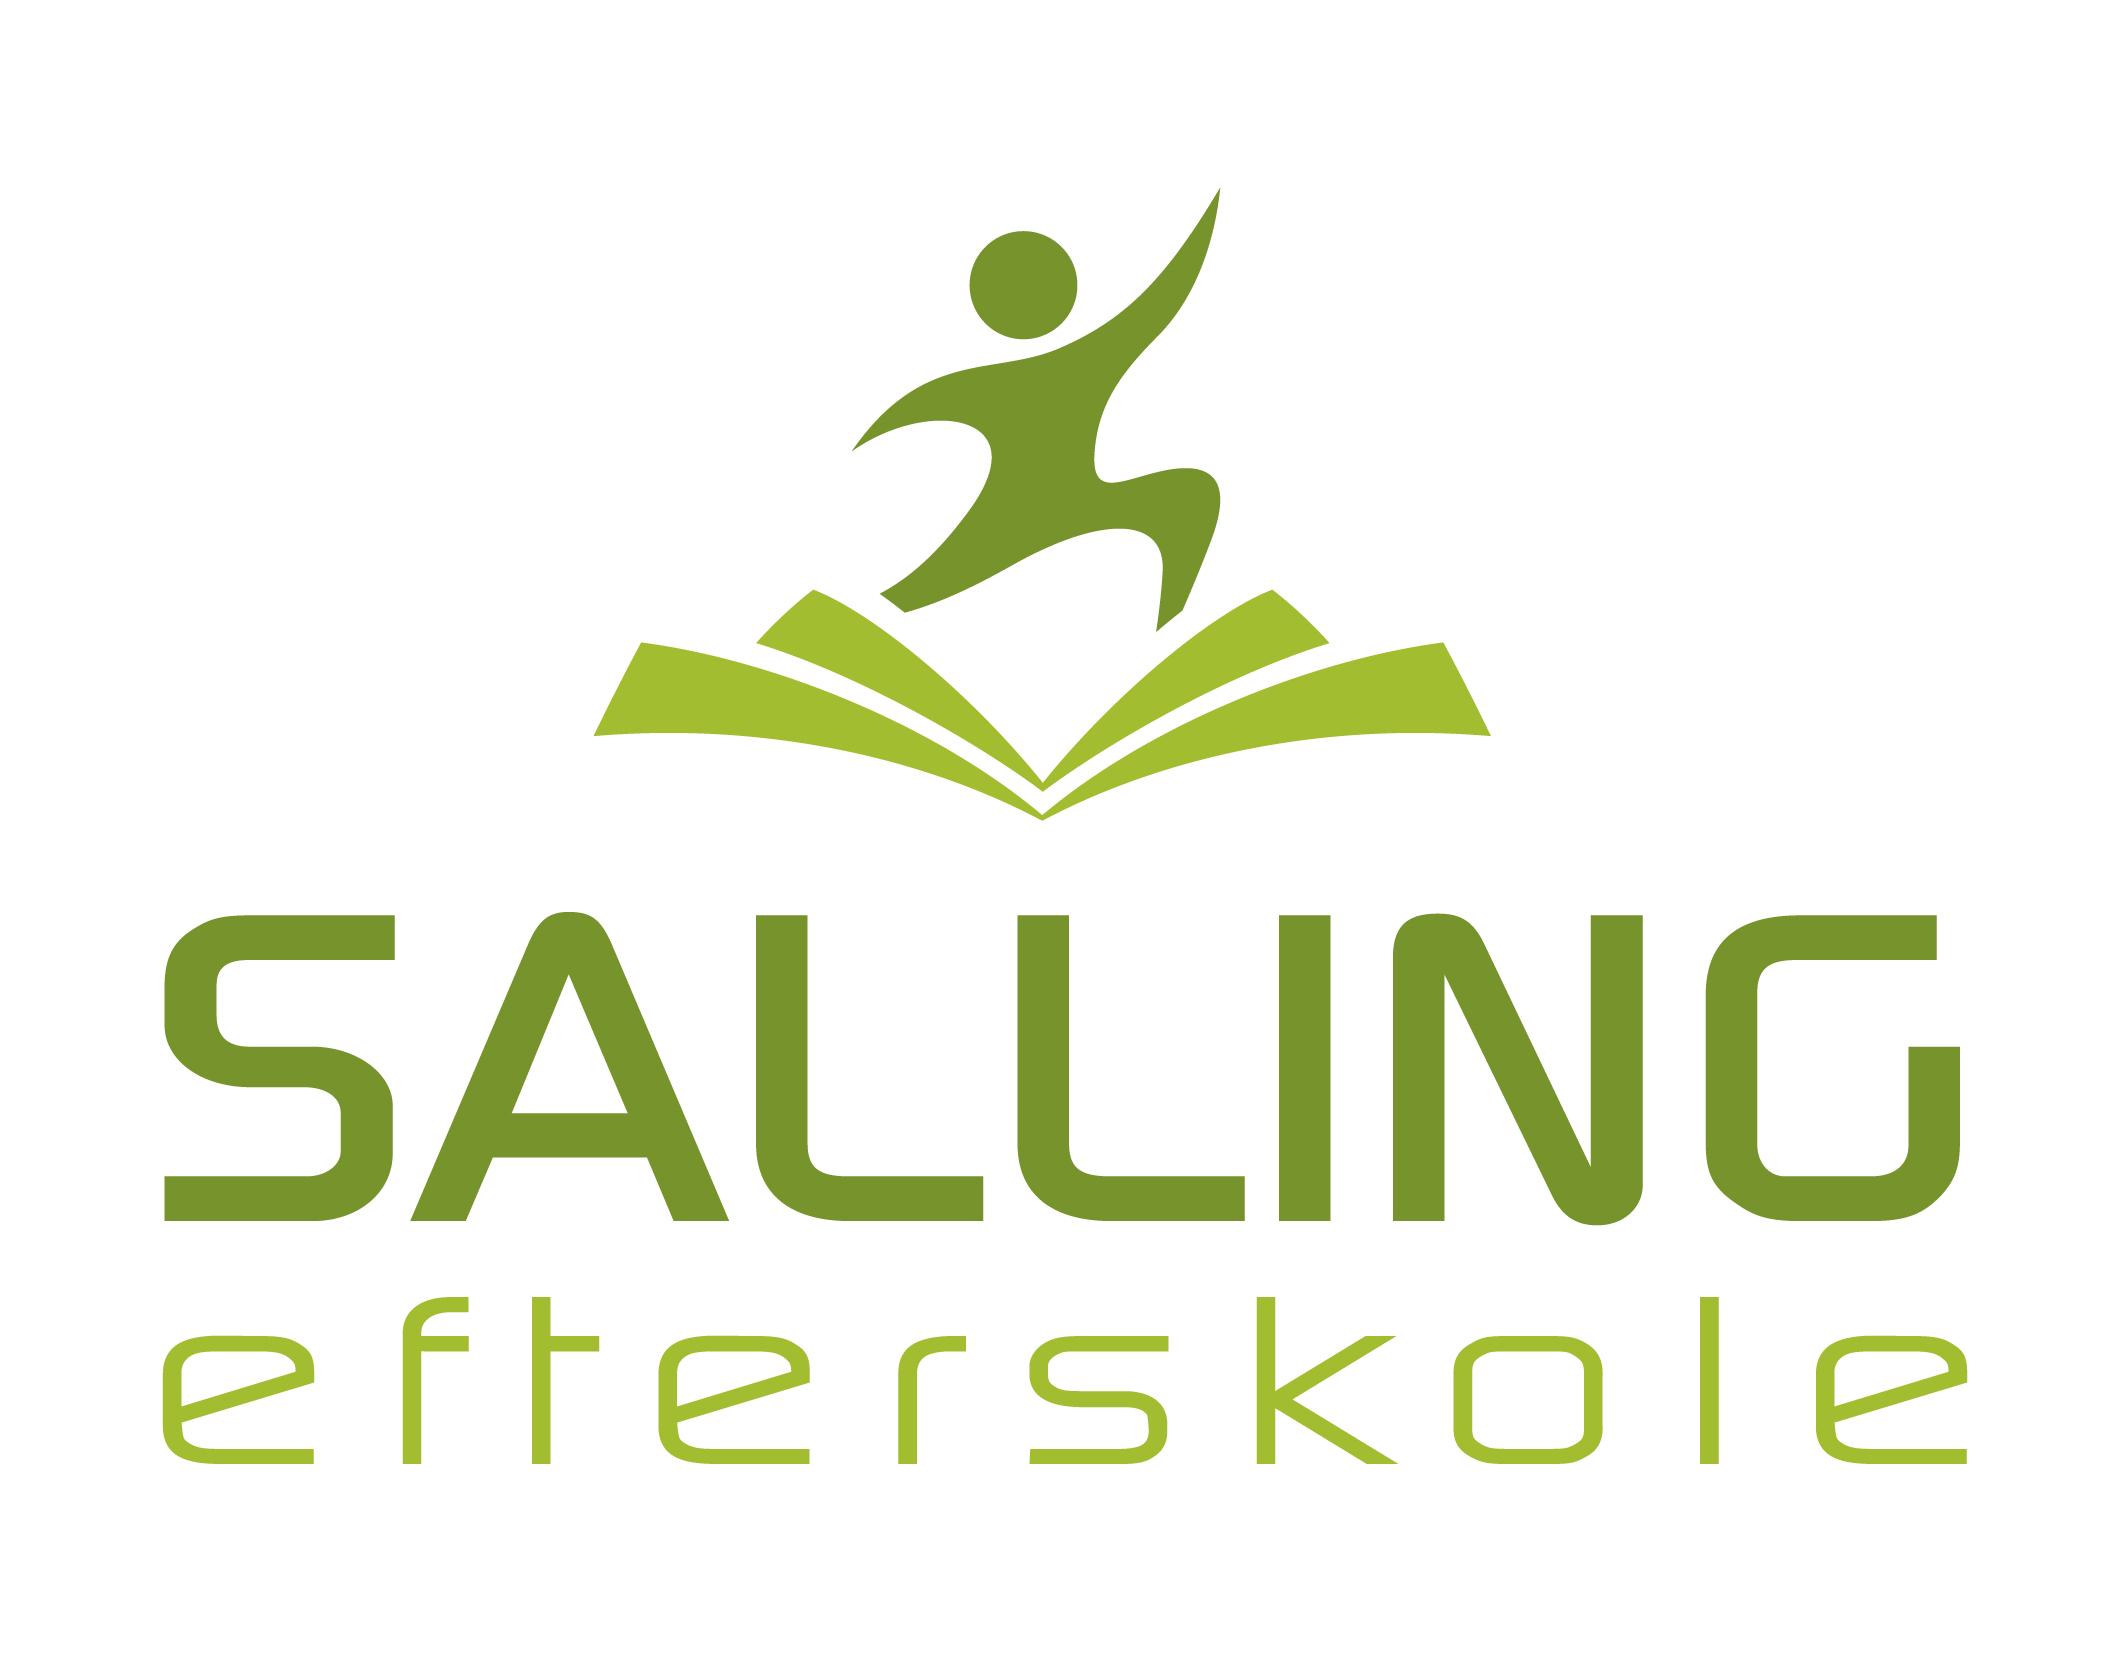 salling_eftersk_logo_cmyk